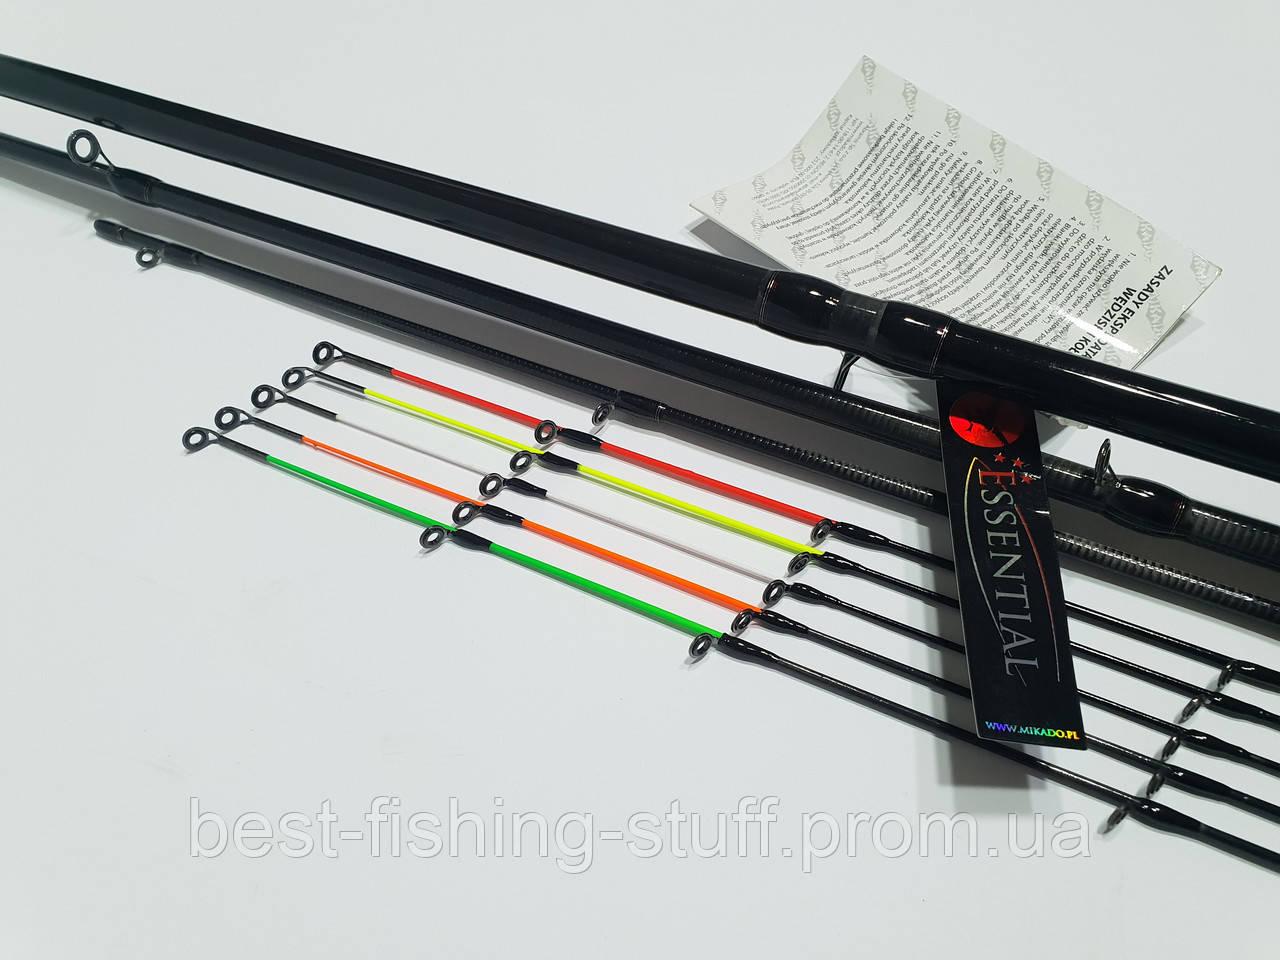 Фидерное удилище Mikado Essential 360 см 110 g